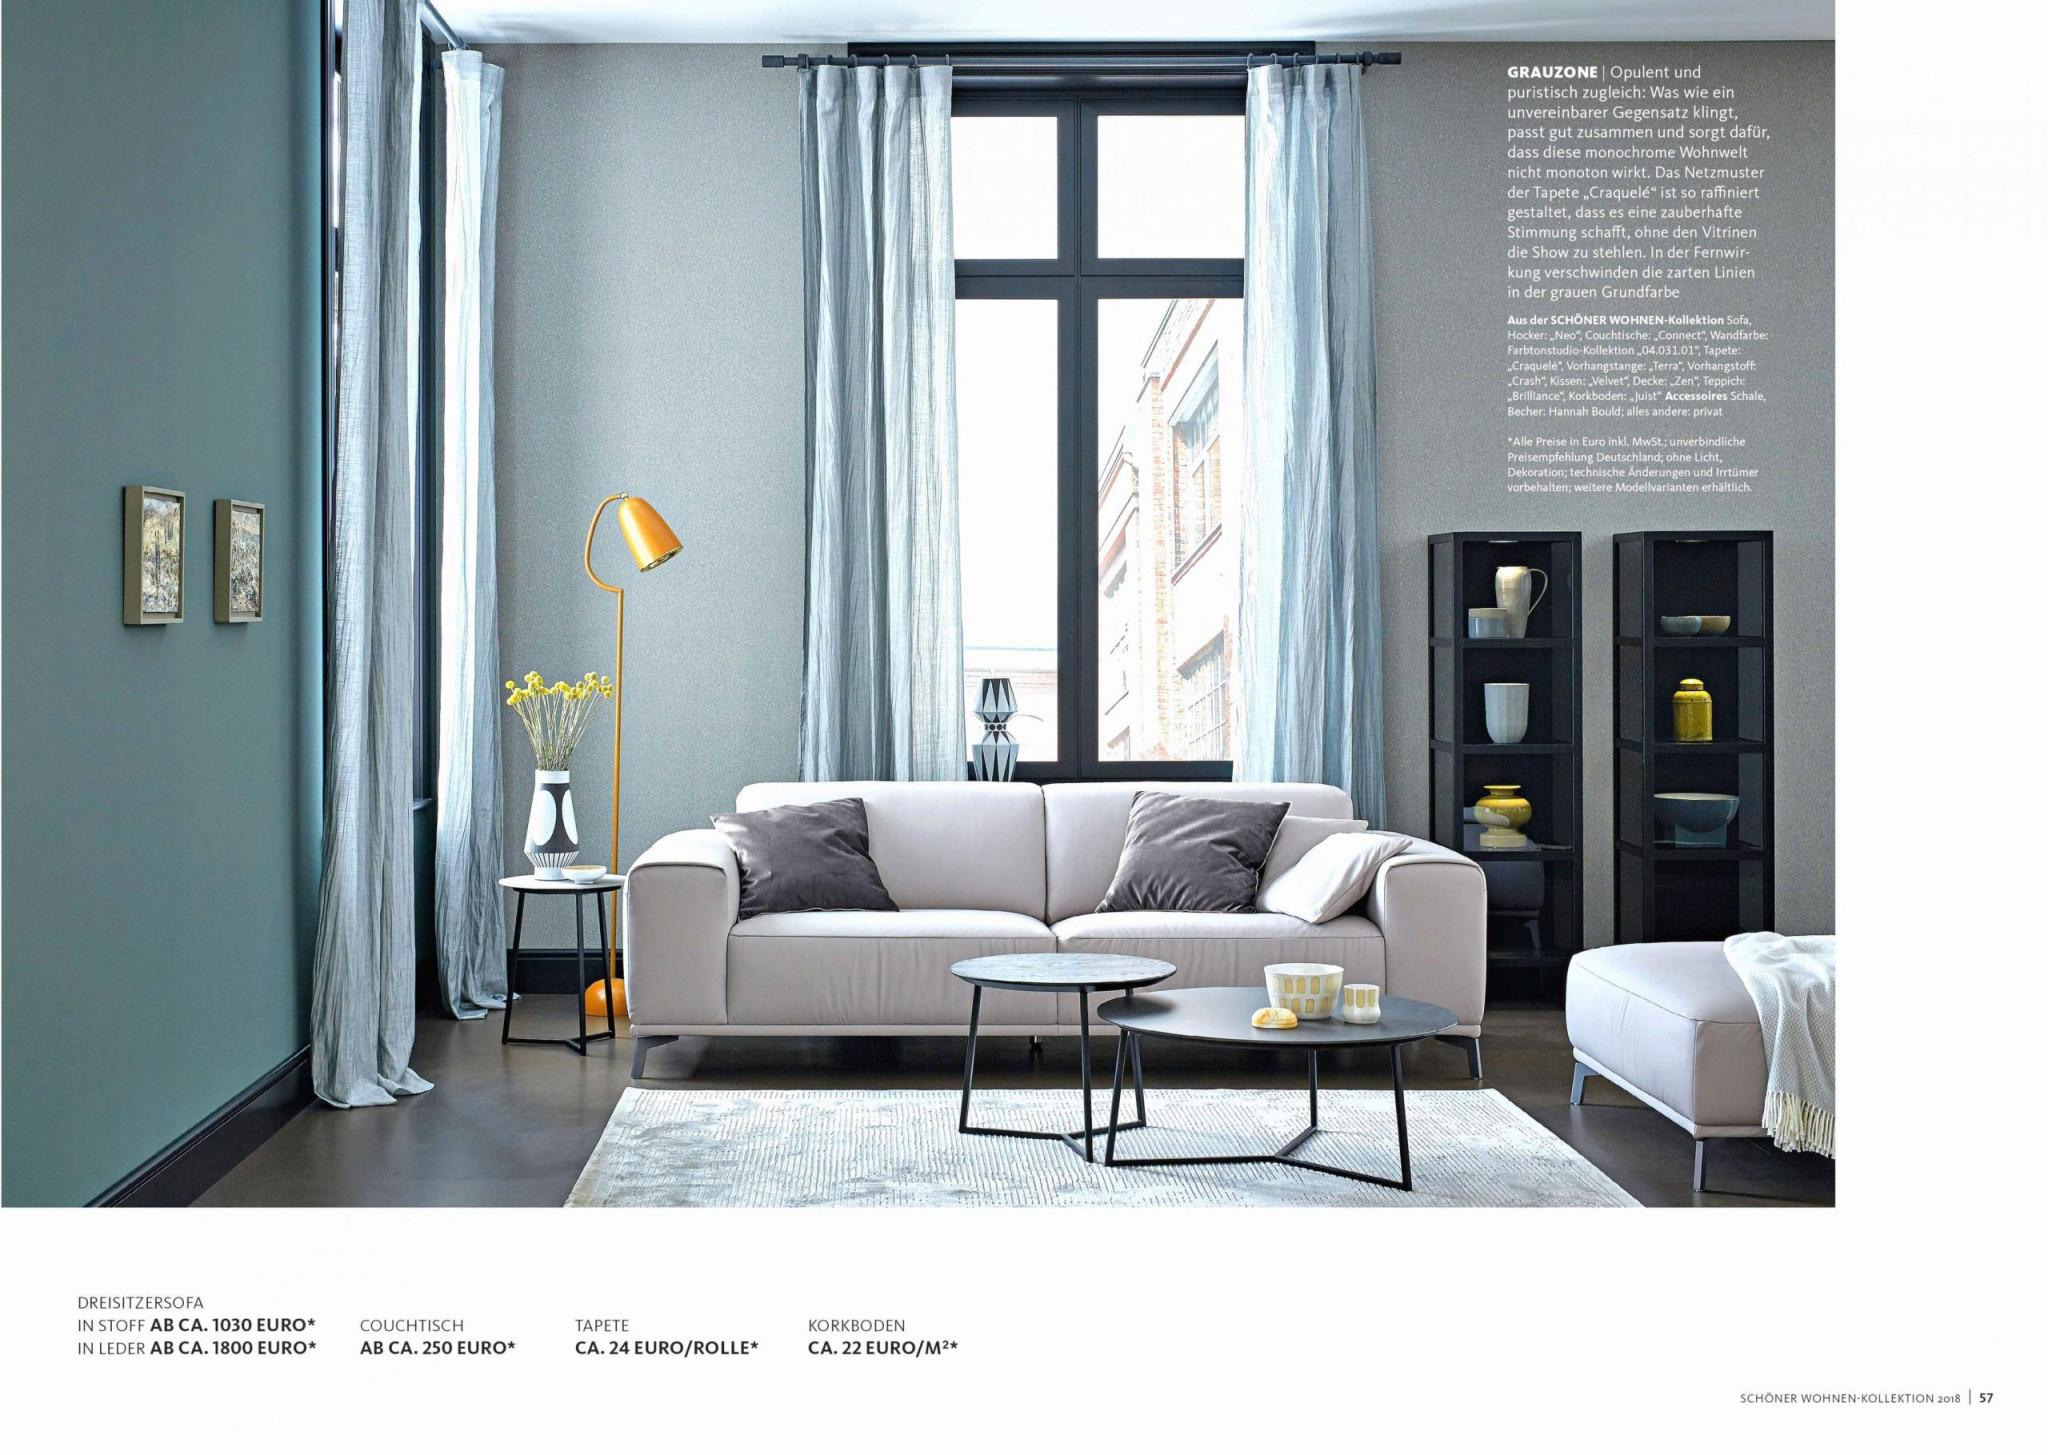 Wohnzimmer Schöner Wohnen Luxus Das Beste Von Wohnzimmer von Schöner Wohnen Bilder Wohnzimmer Photo